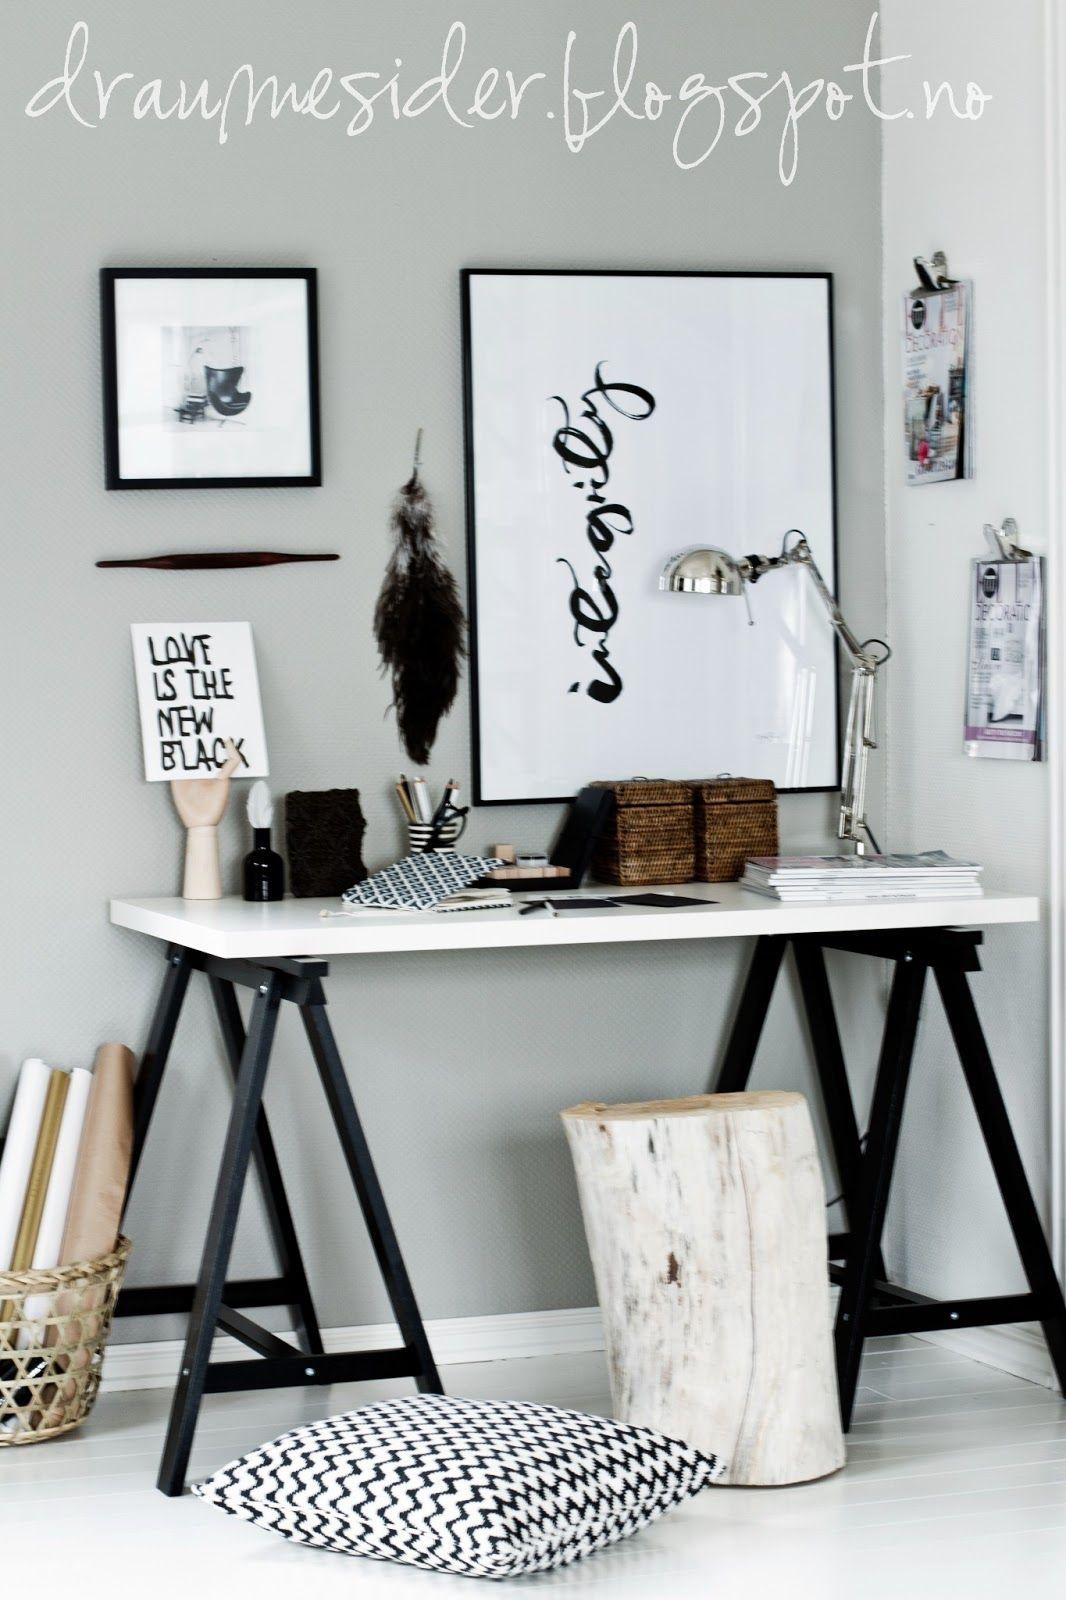 har gjort ein innsats ved arbeidsplassen min vinterstemning enno men har store planar om. Black Bedroom Furniture Sets. Home Design Ideas